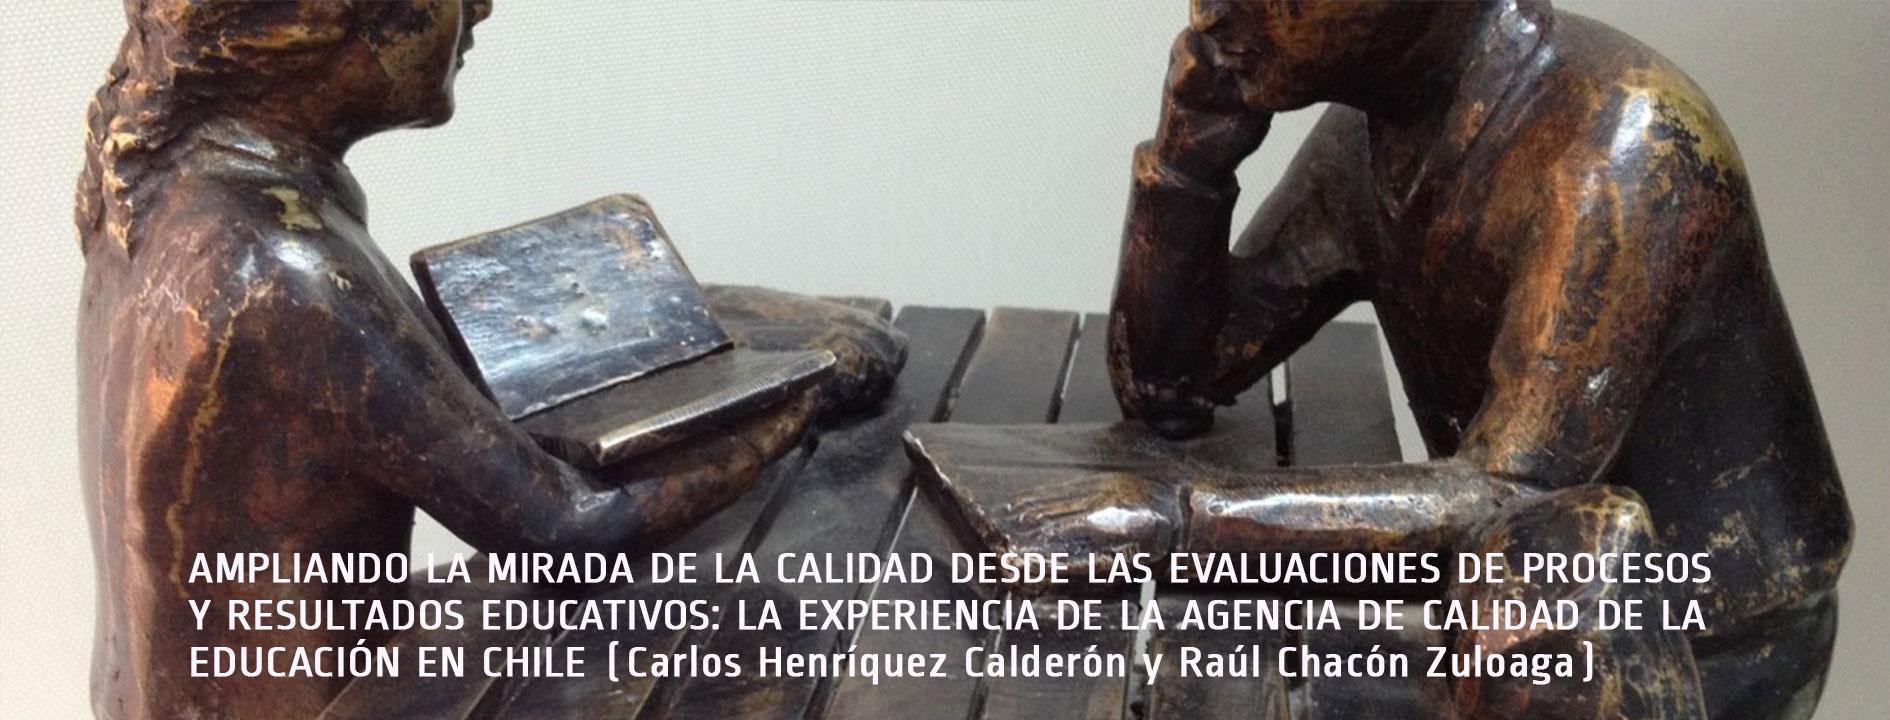 AMPLIANDO-LA-MIRADA-DE-LA-CALIDAD-DESDE-LAS-EVALUACIONES-DE-PROCESOS-Y-RESULTADOS-EDUCATIVOS